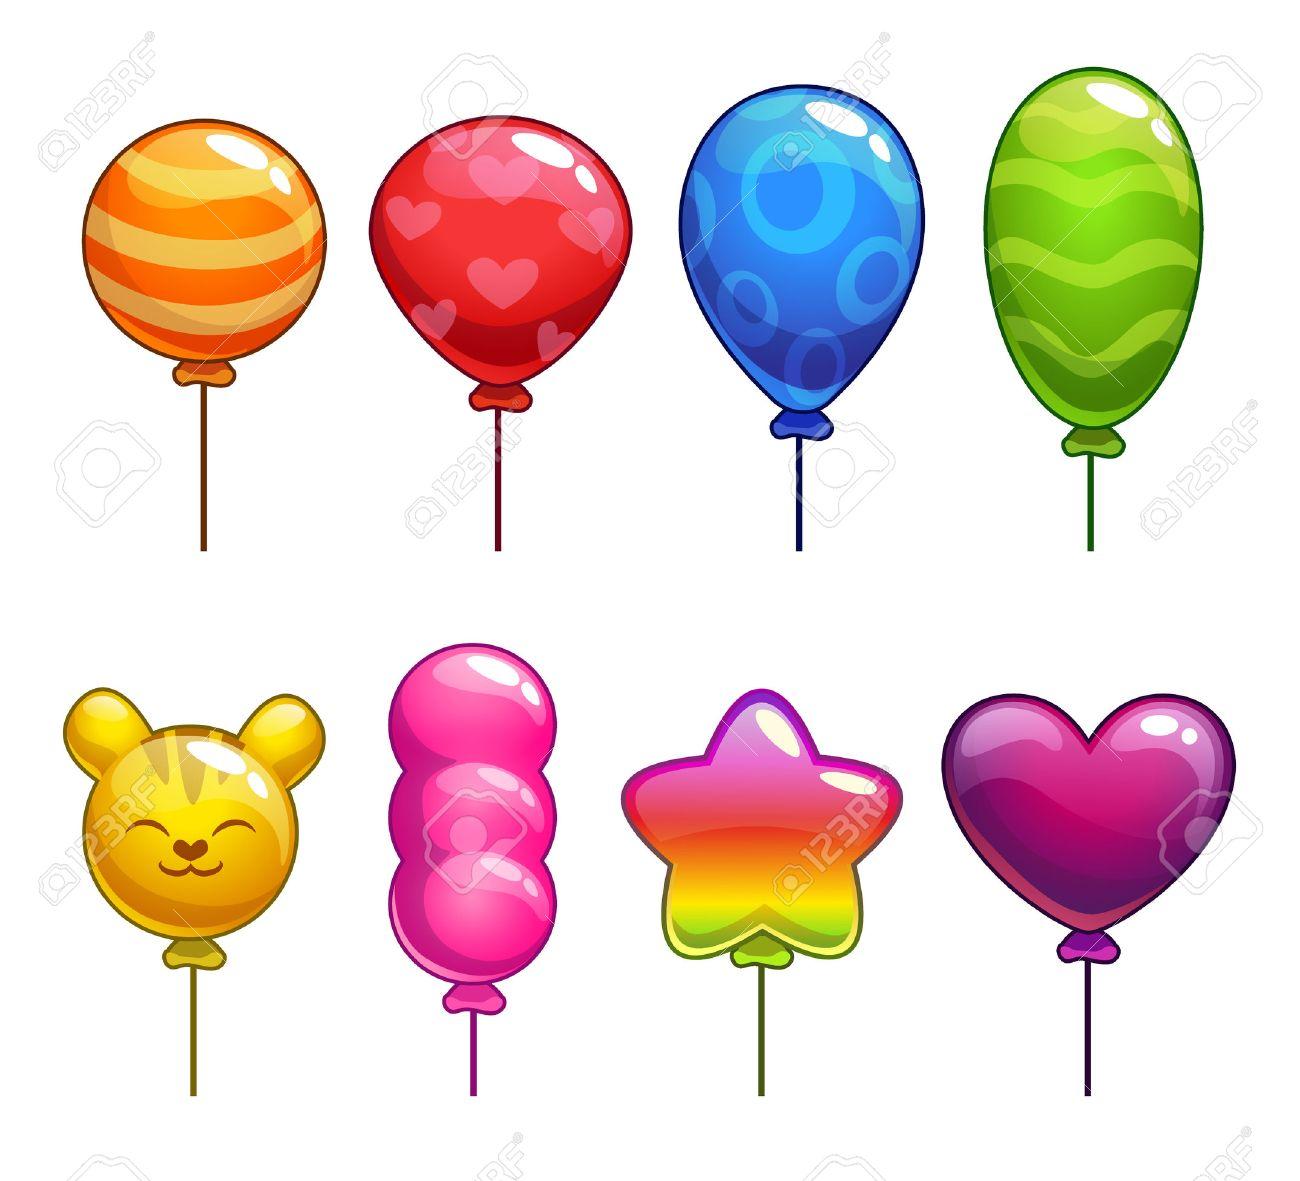 ballon de baudruche Ensemble de ballons mignons de bande dessinée avec différentes formes et